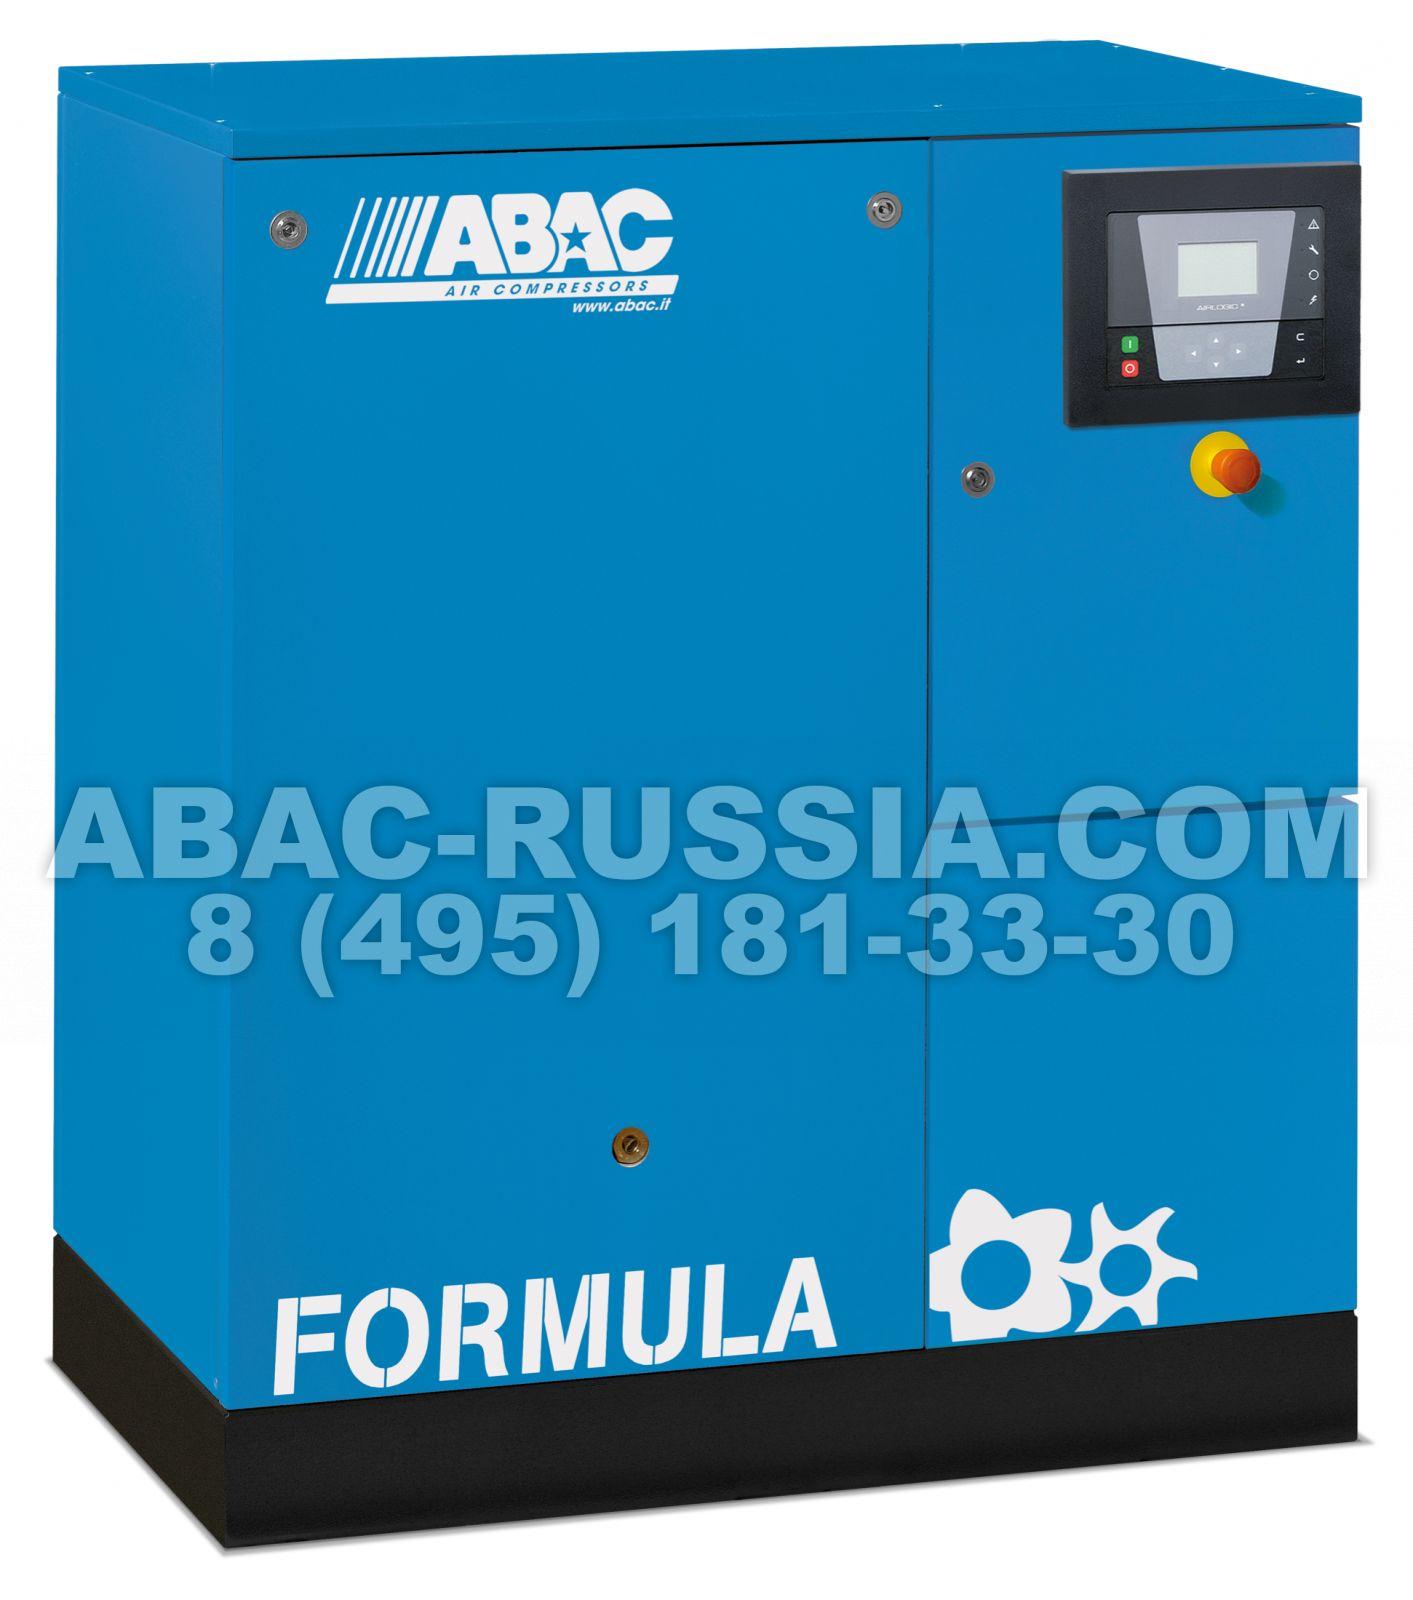 Винтовой компрессор ABAC FORMULA.E 5.508 4152025392